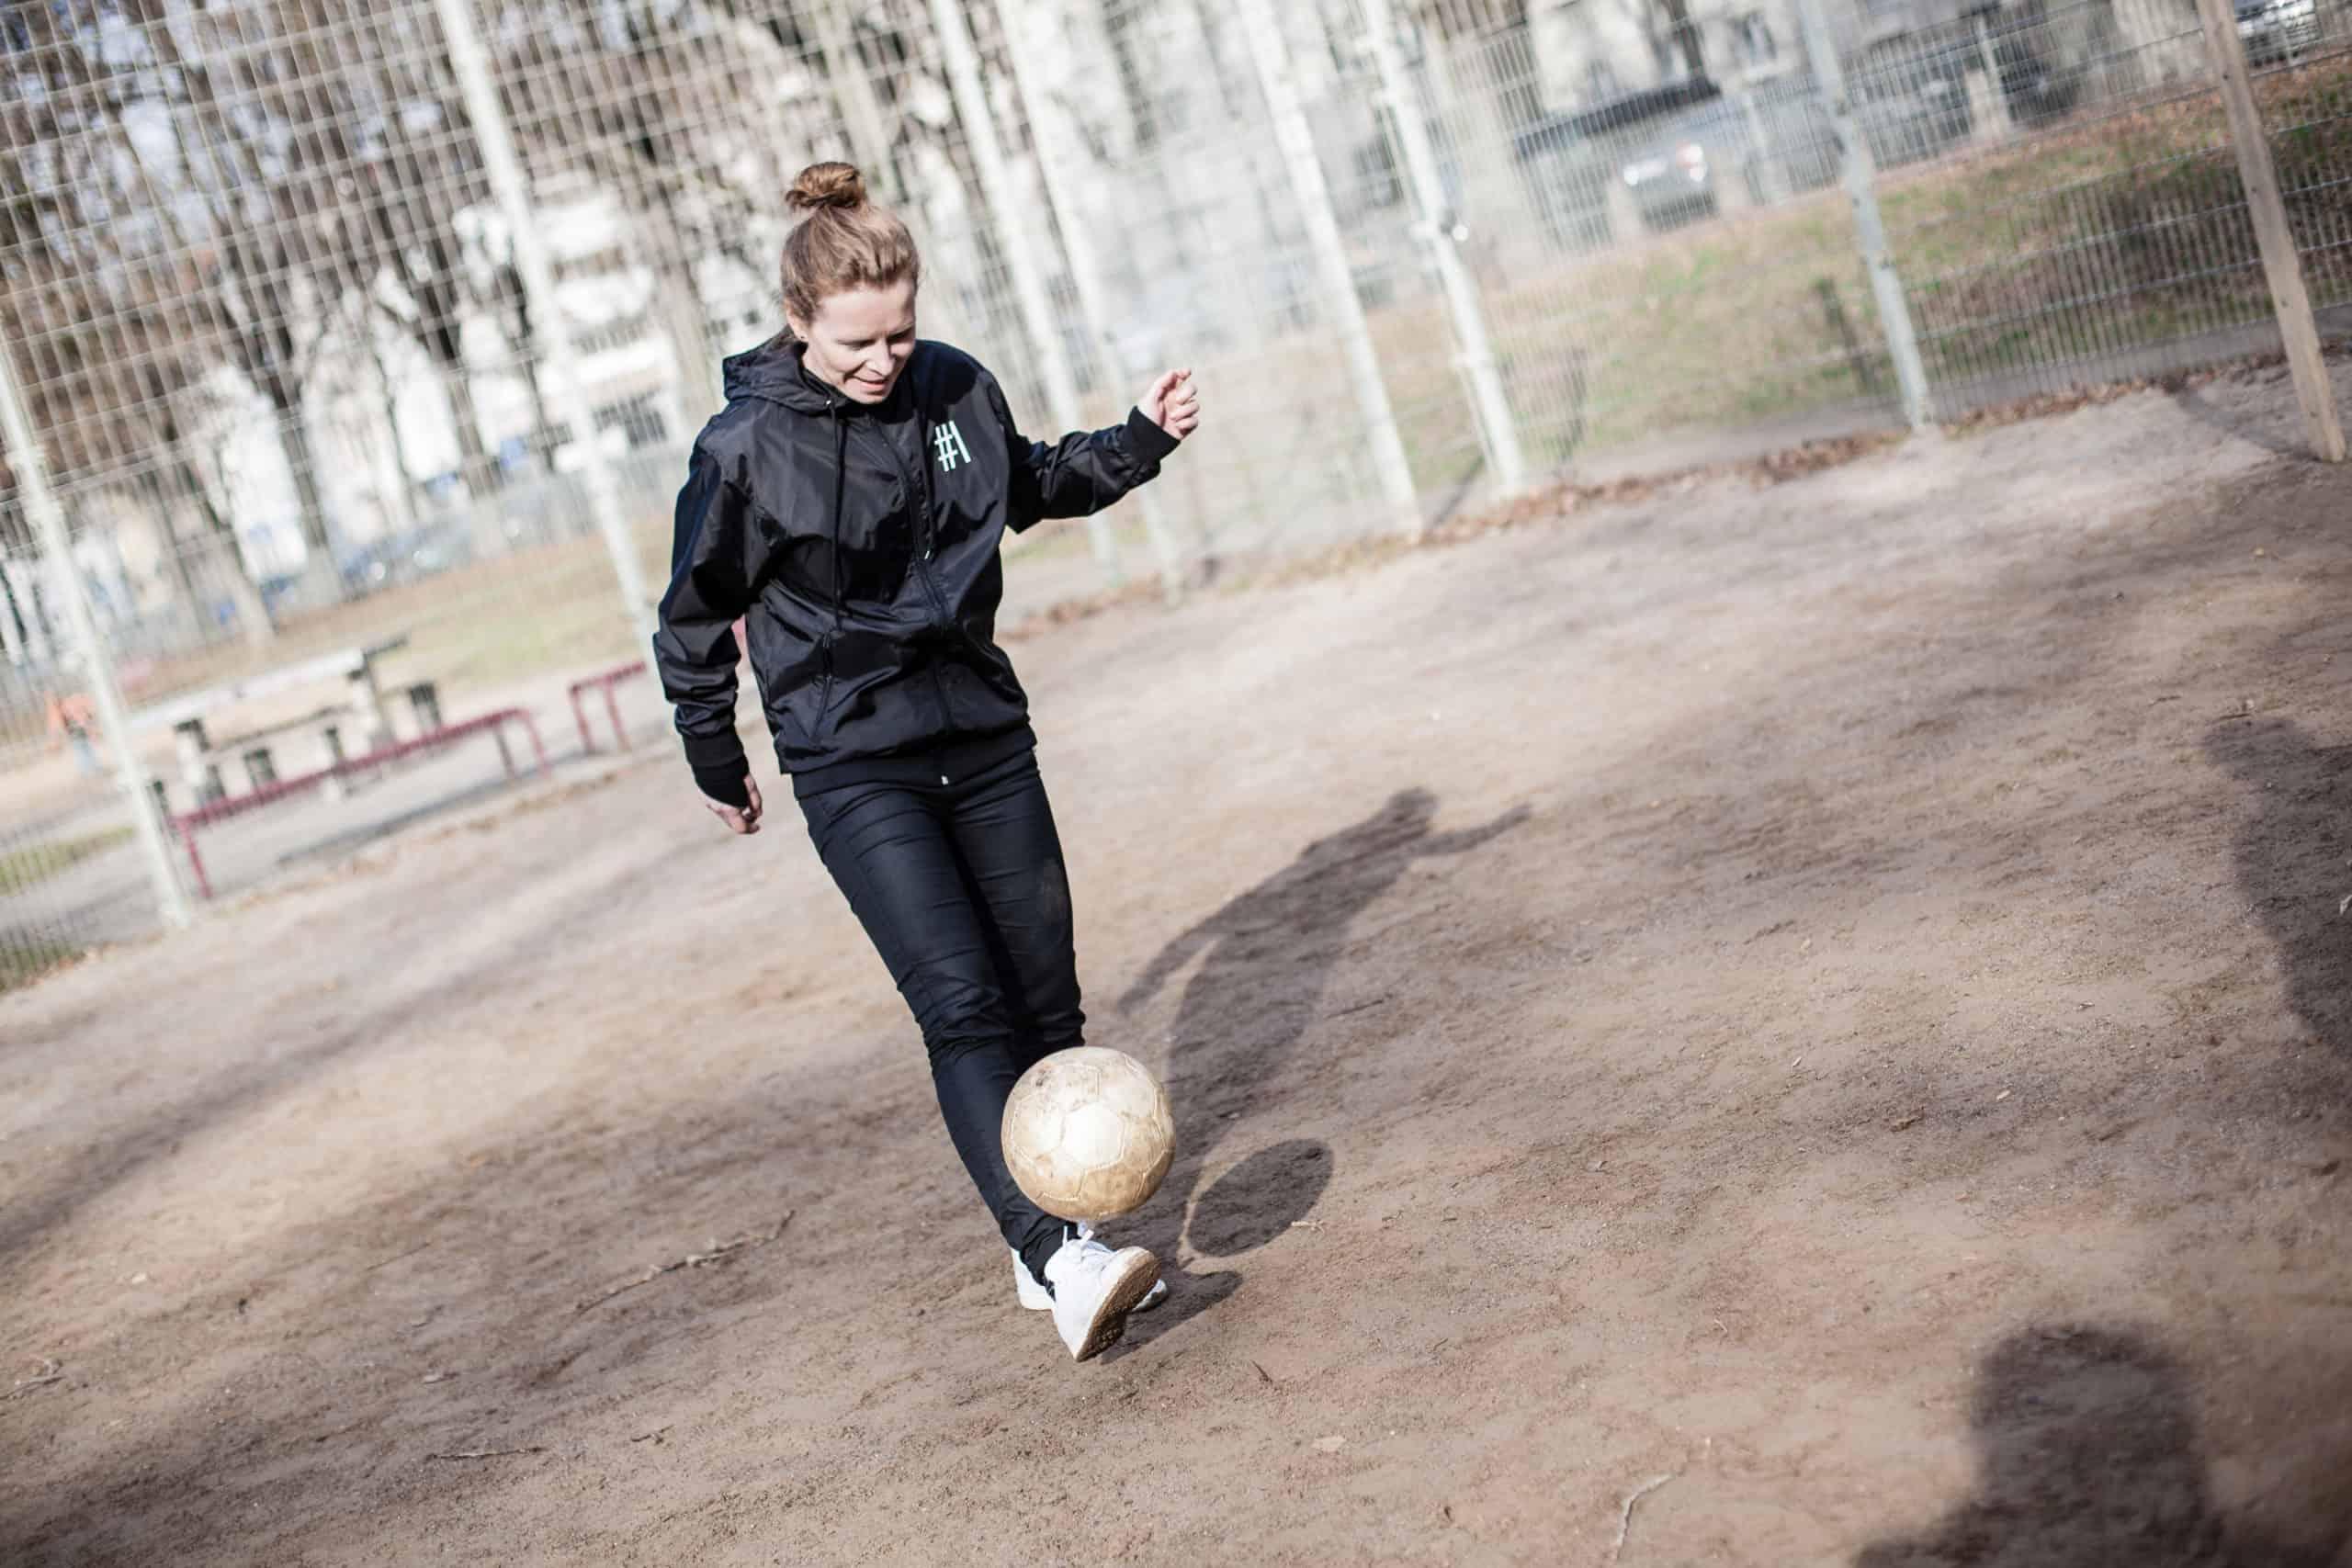 Zopfball Gründerin Sonja beim Ball hochhalten